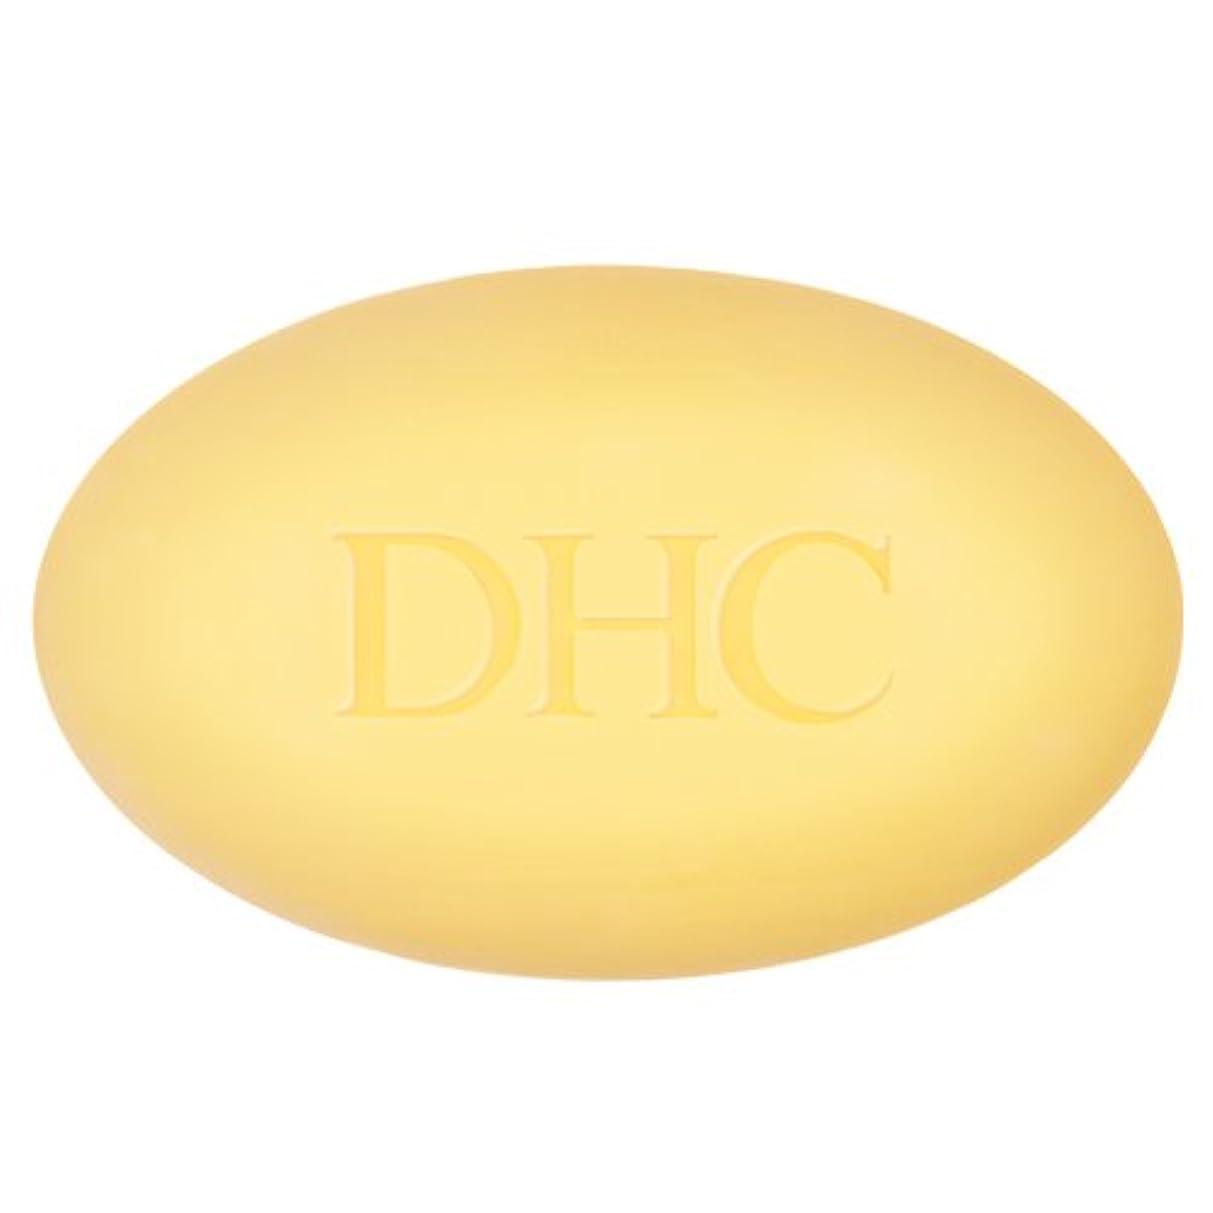 論争の的いつでも毎月DHC Q10ボディソープ